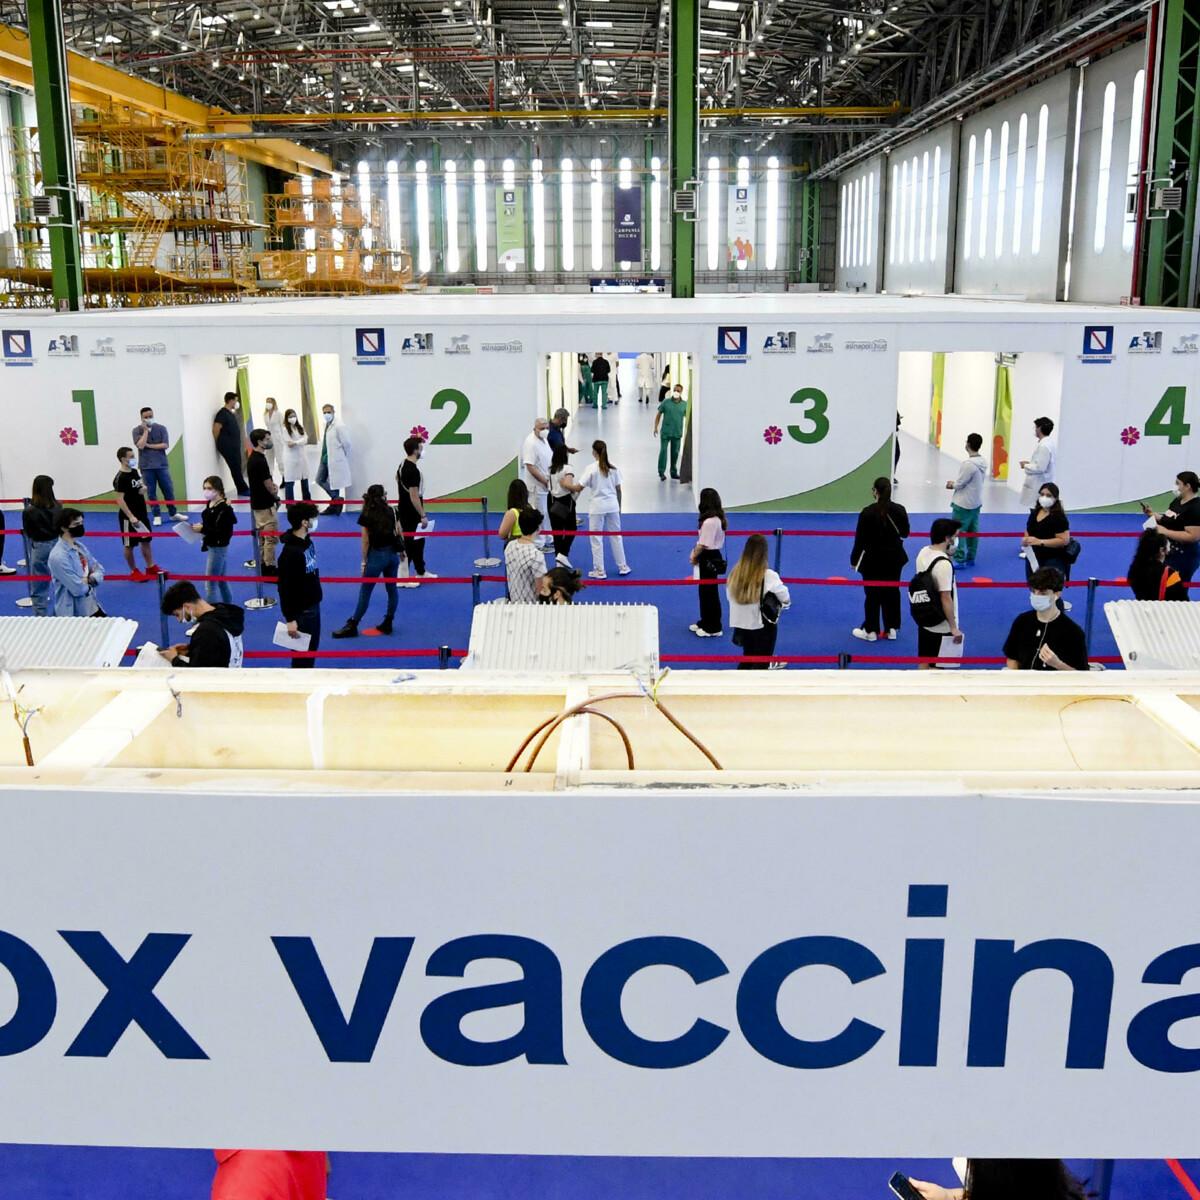 La corsa dei giovani al vaccino: boom di prenotazioni dopo il decreto di Draghi